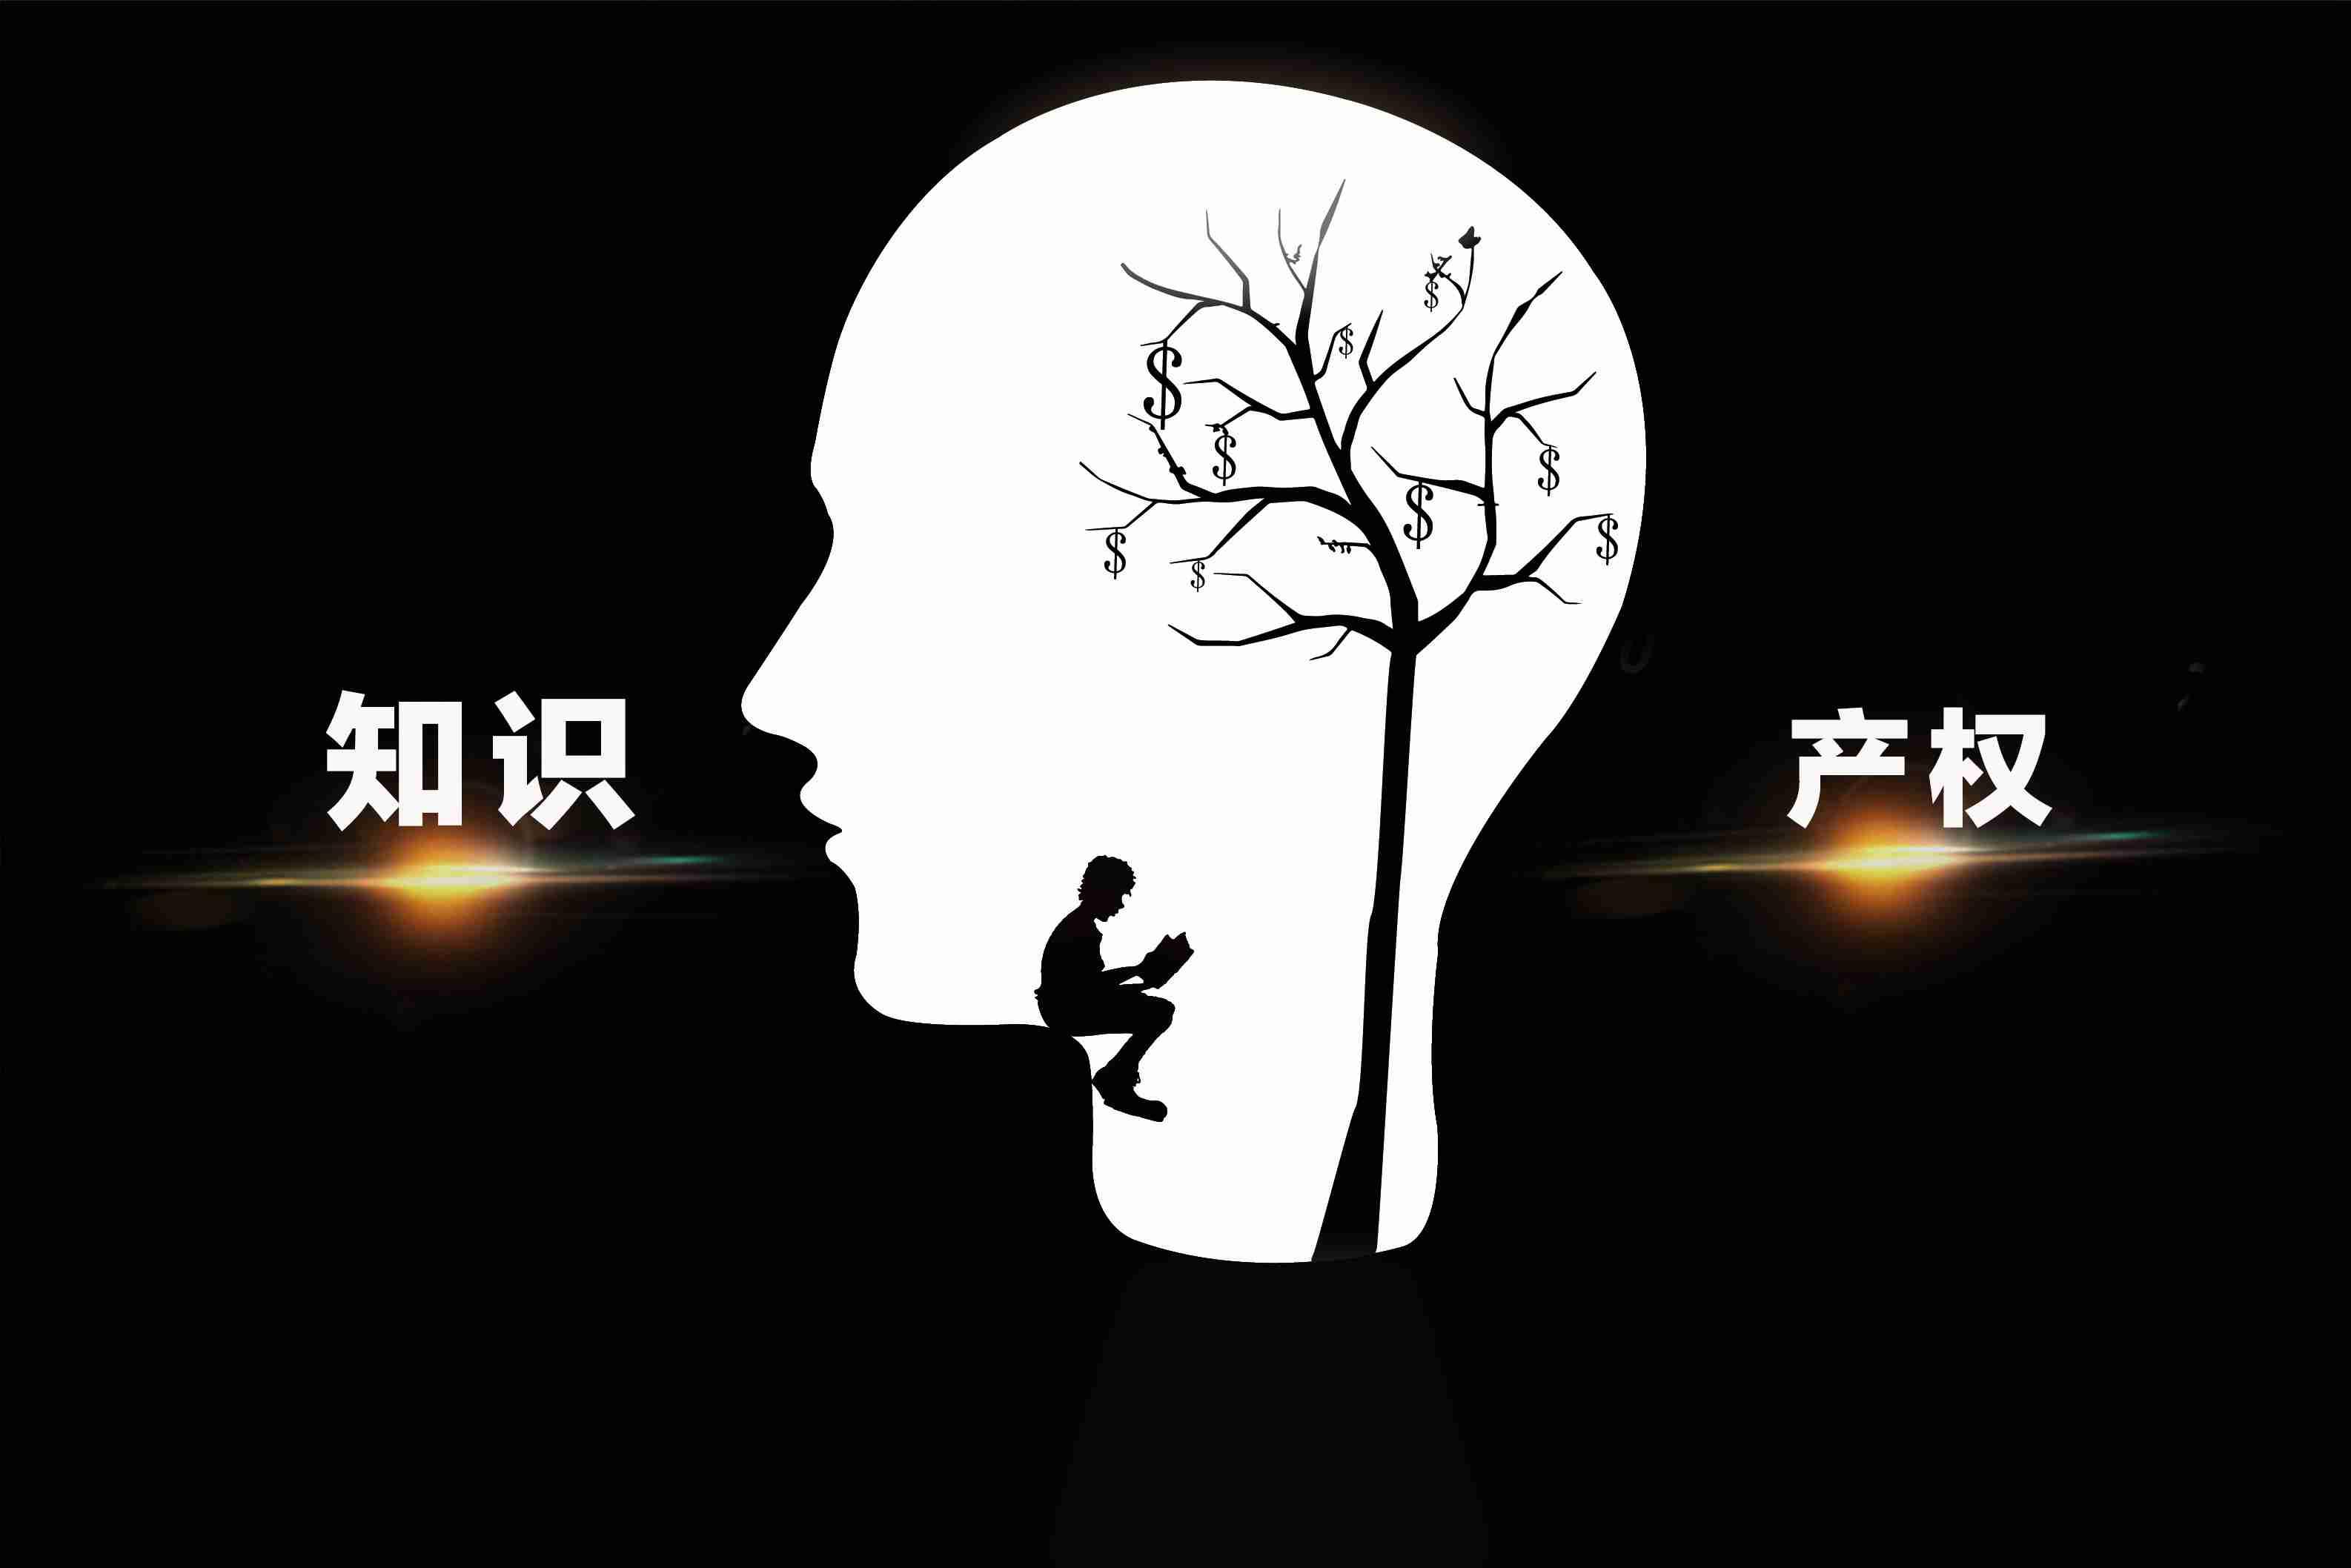 深圳知识产权律师告诉你三钟专利权的保护范围